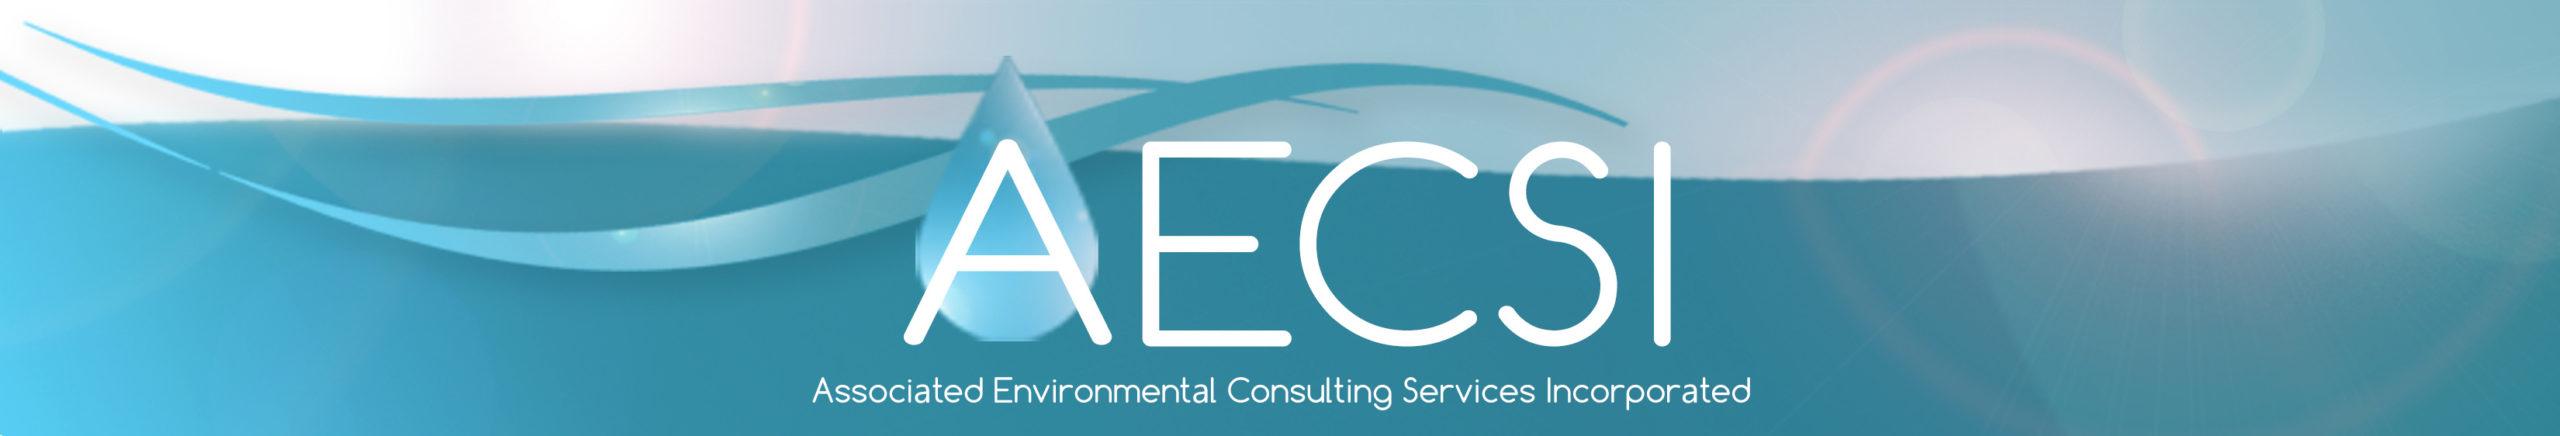 AECSI Logo